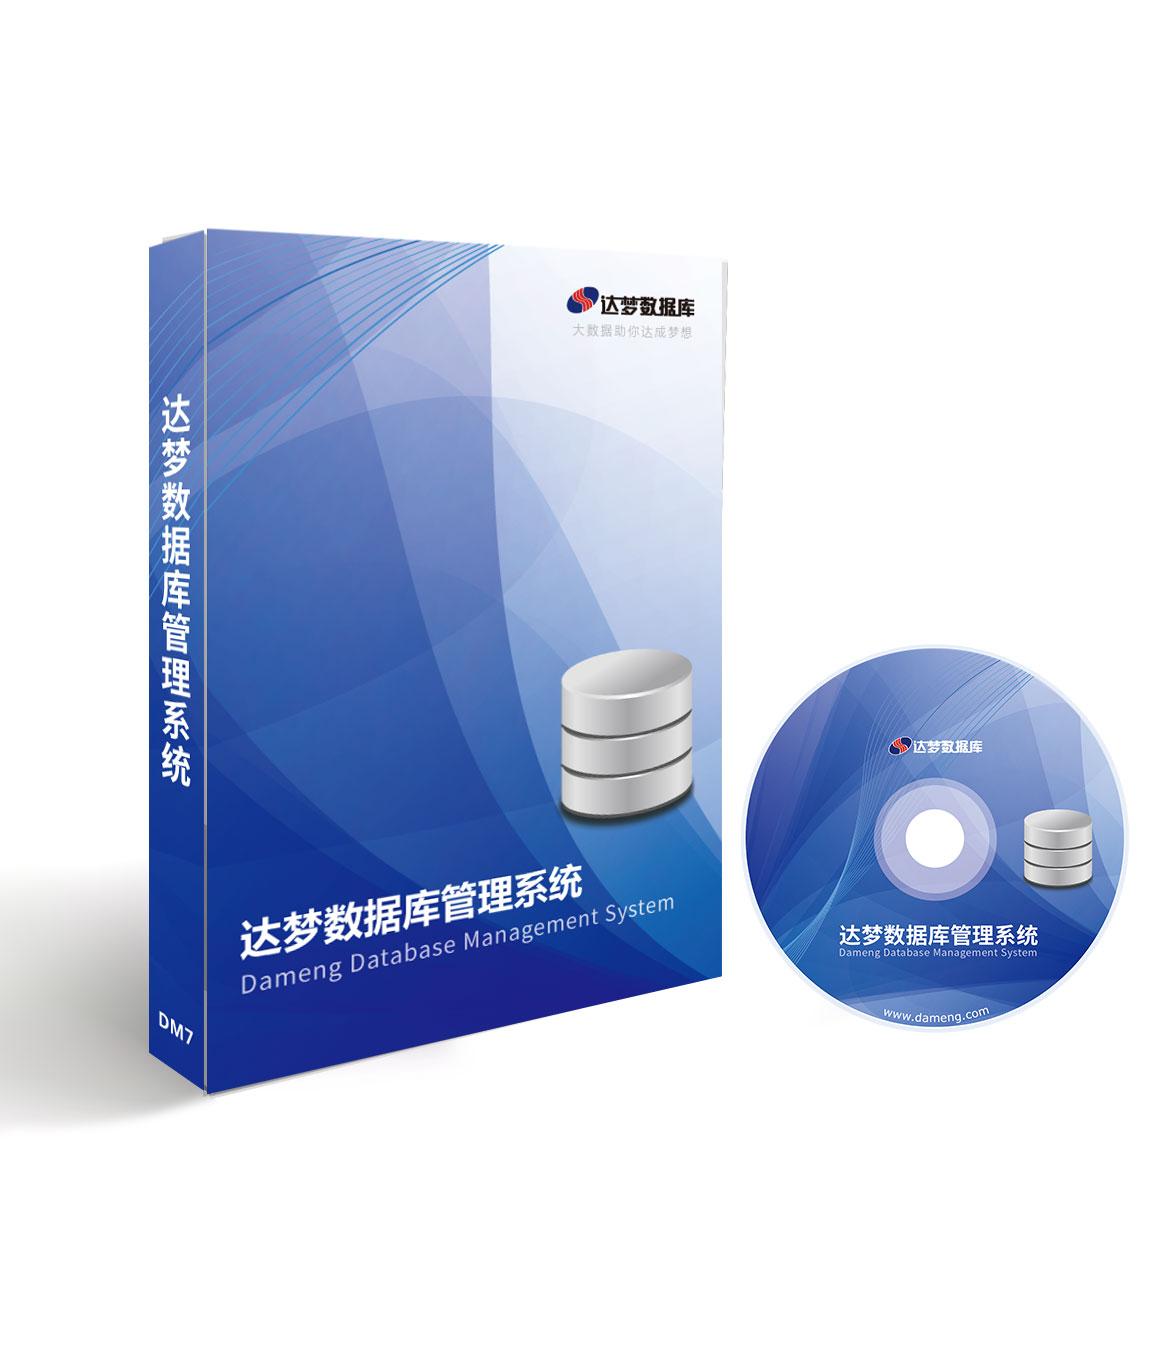 Damon database security